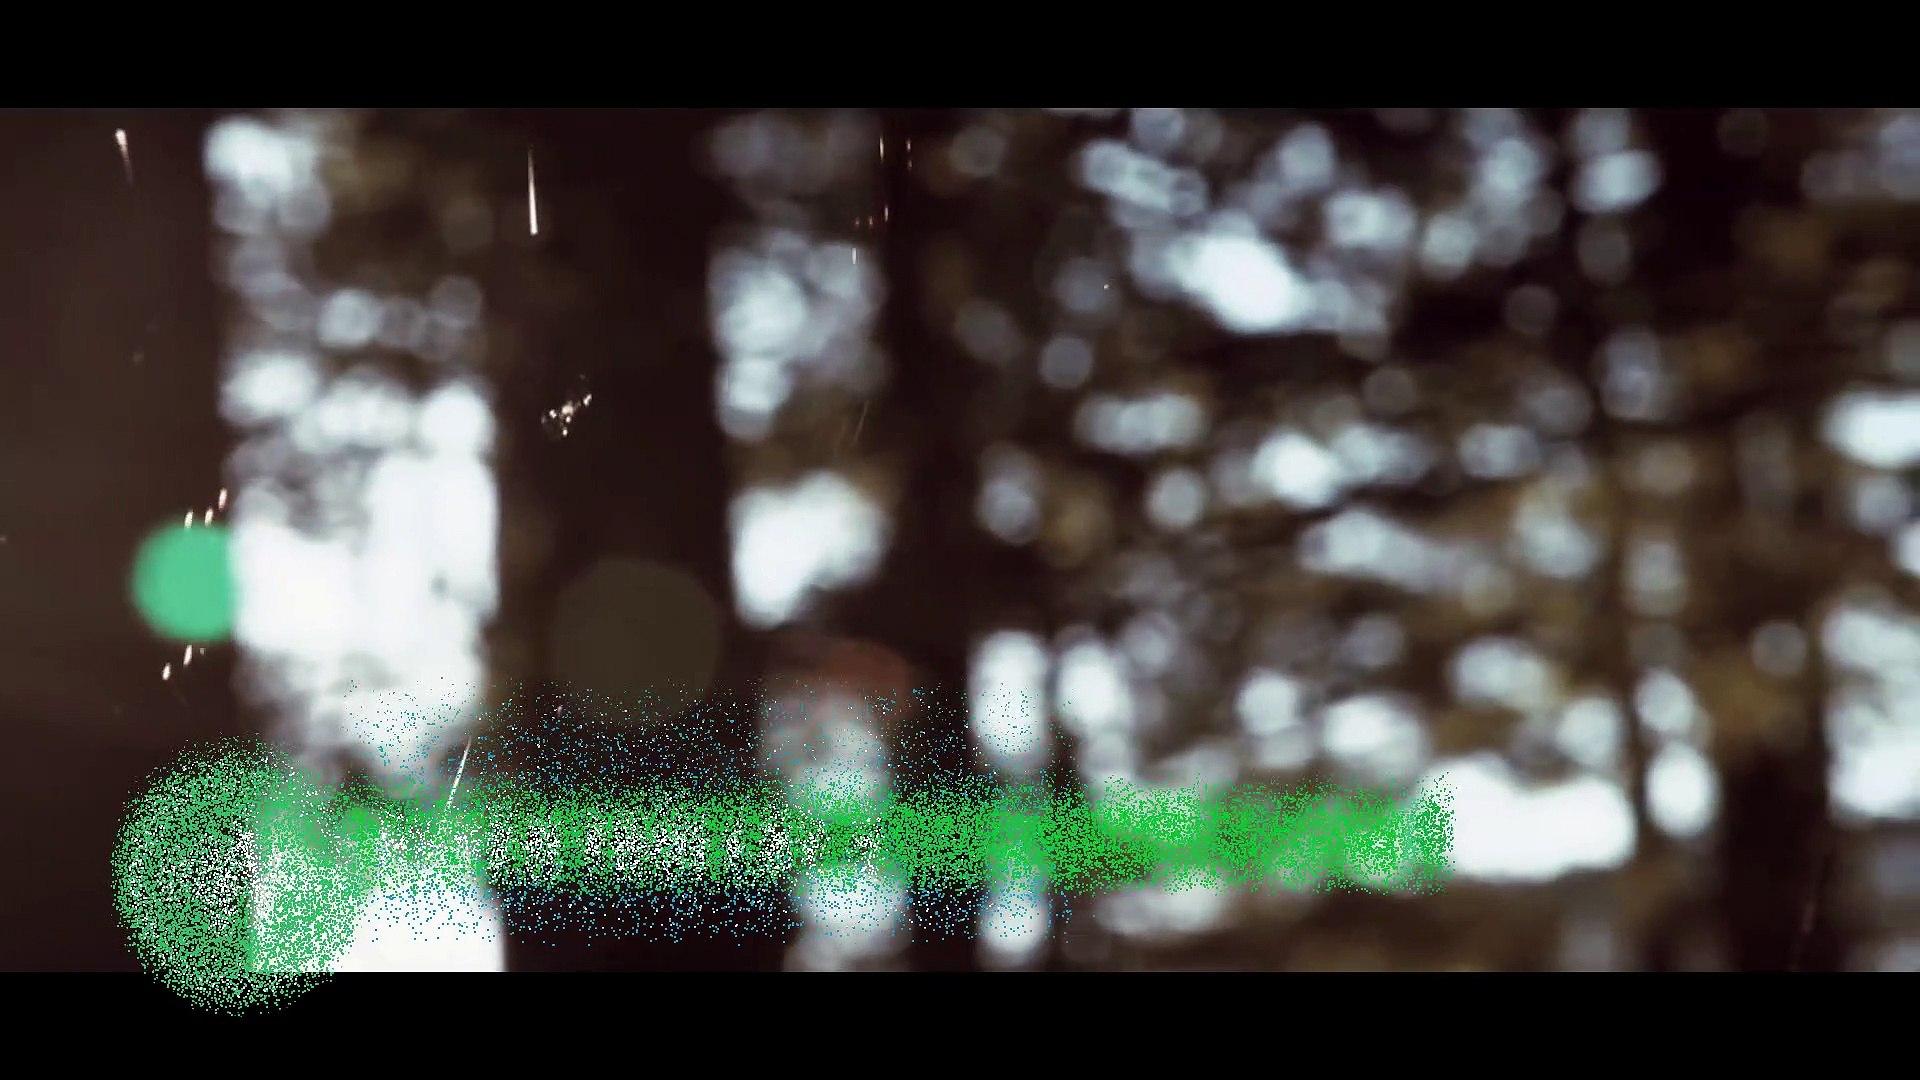 [Karaoke] Duyên Trời Lấy 2 - Chung Thanh Duy [Beat]